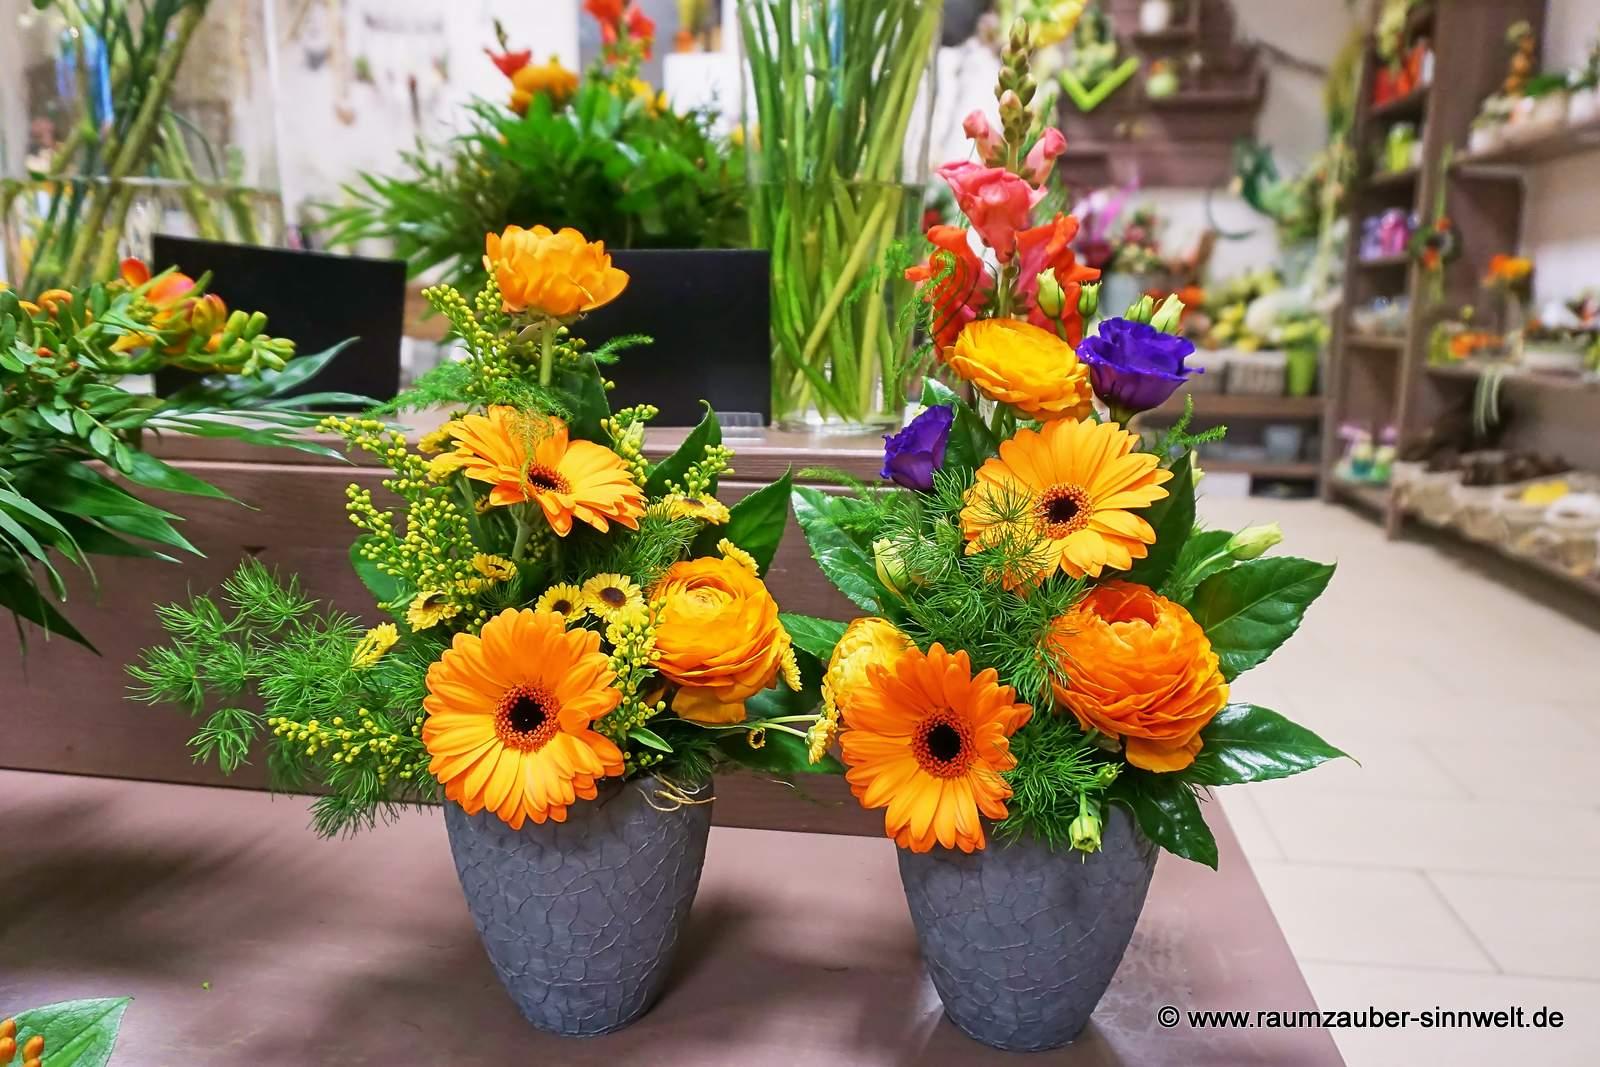 Blumengestecke mit Rosen und Gerbera